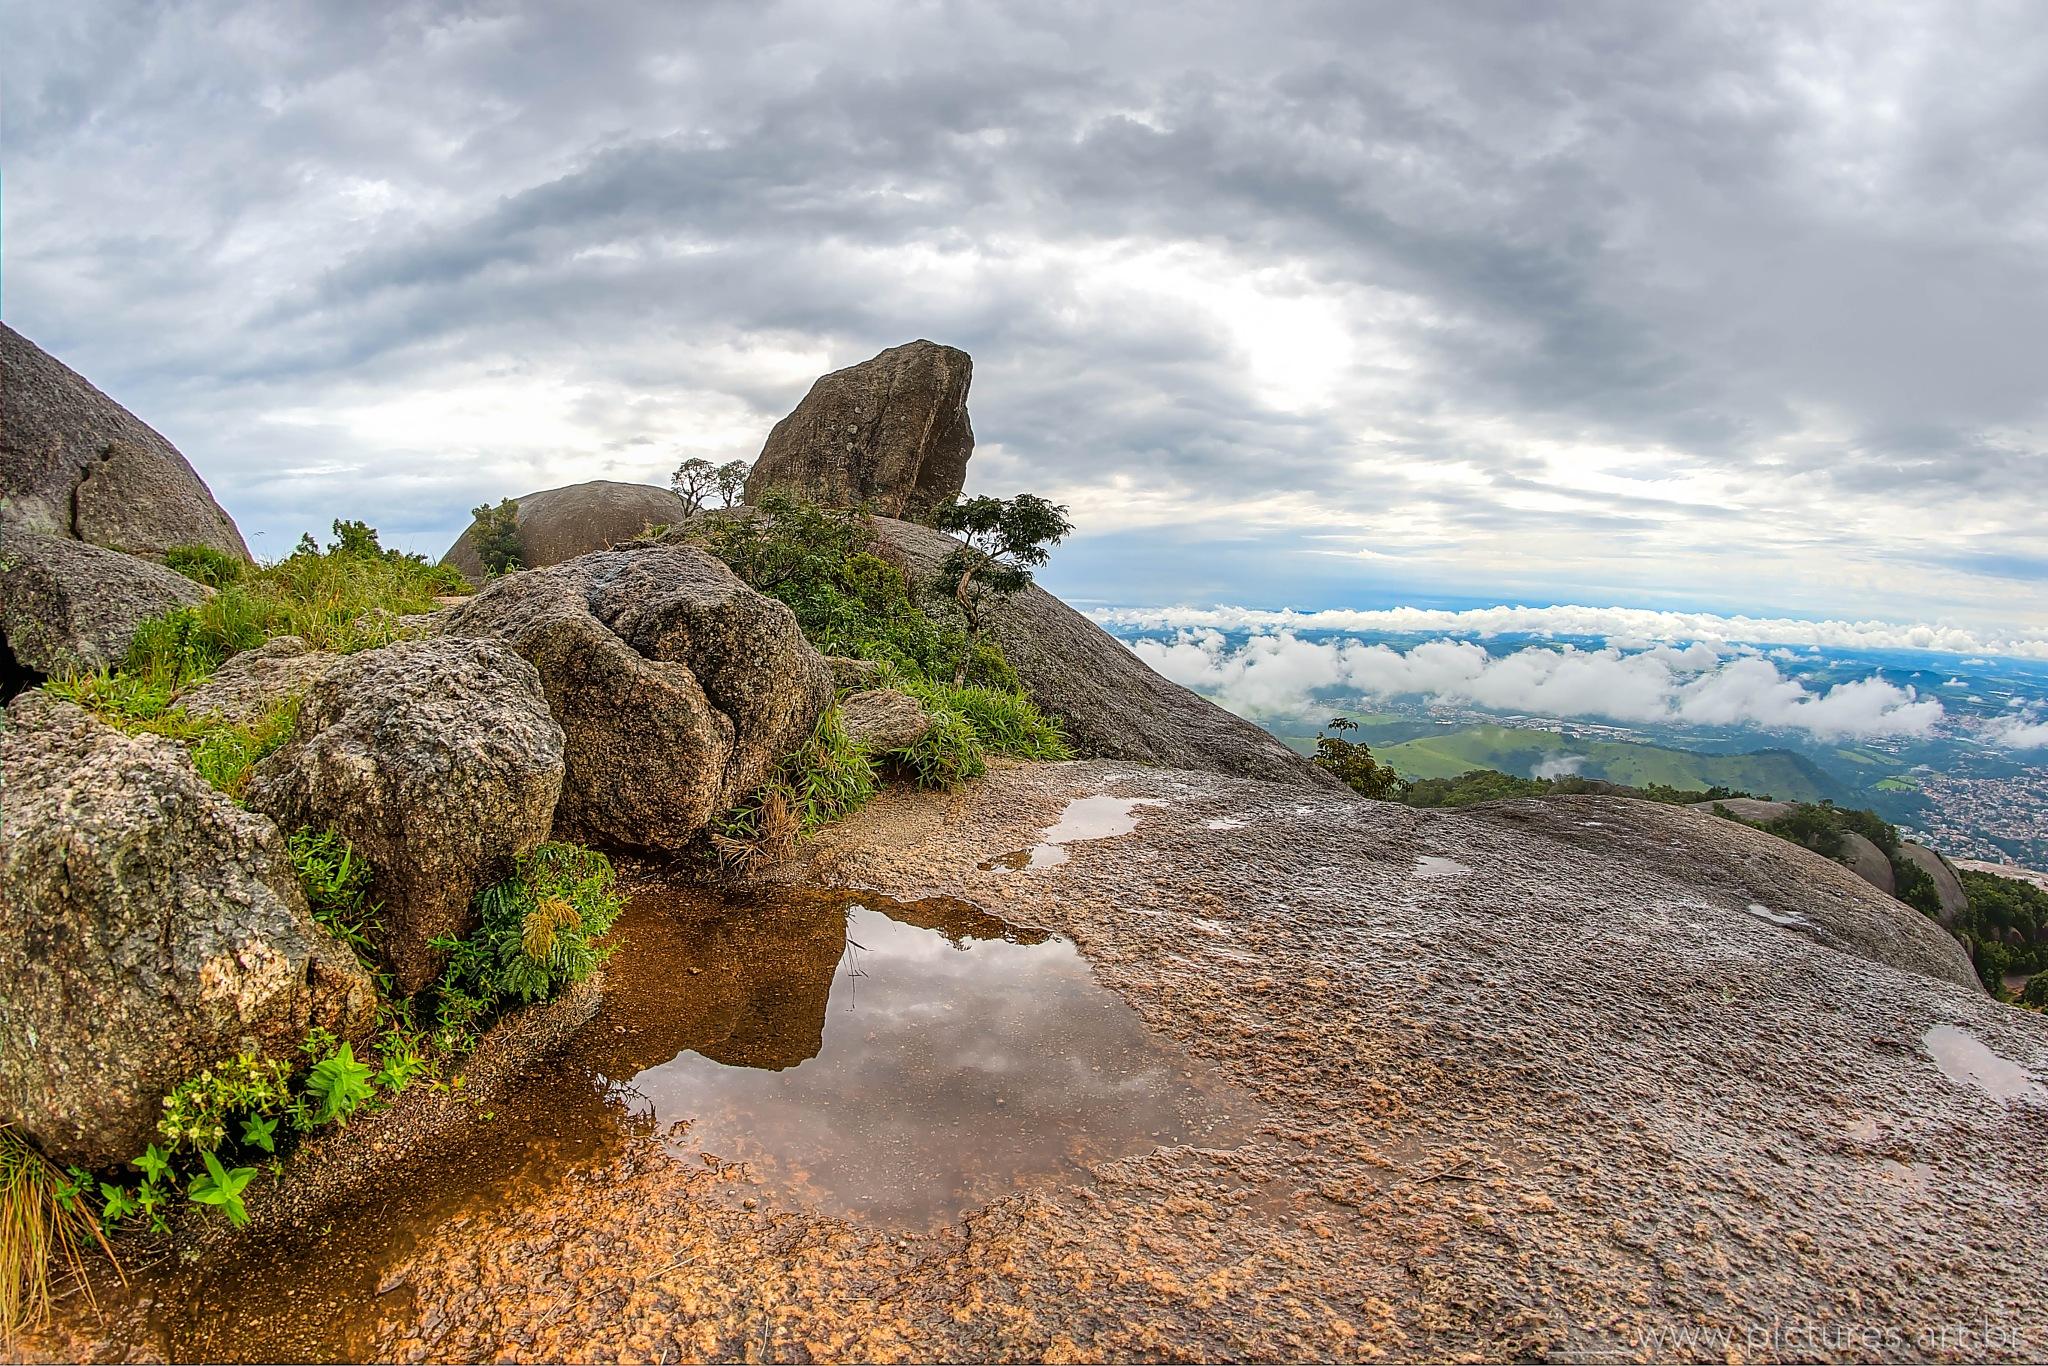 Rocks and Clouds by alvaromenezes